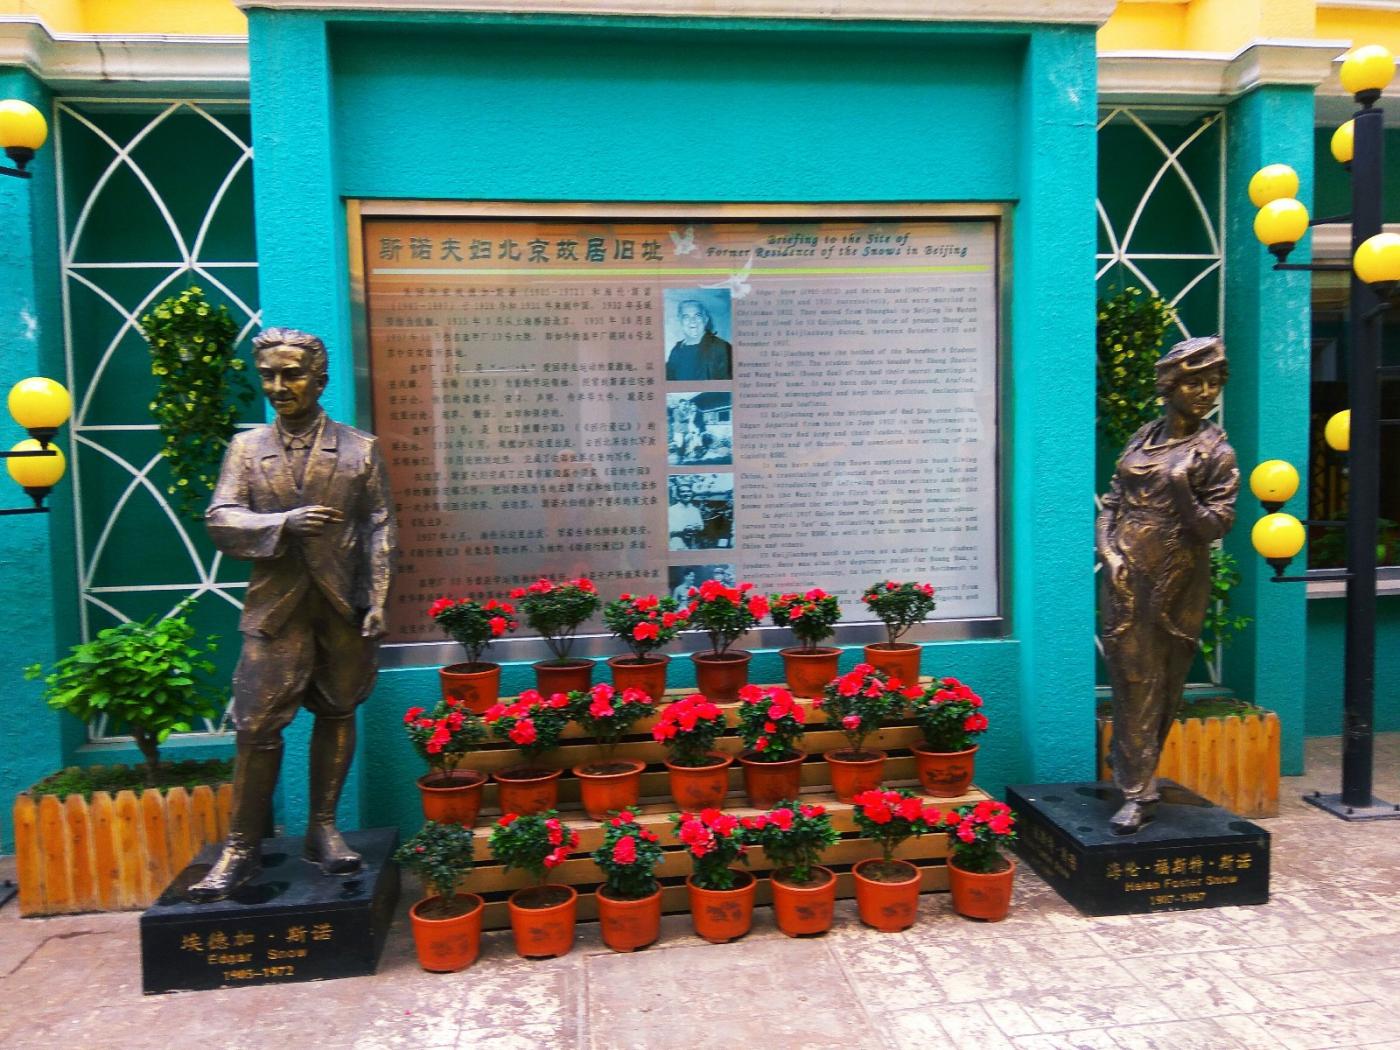 埃德加·斯诺北京居住地旧址(